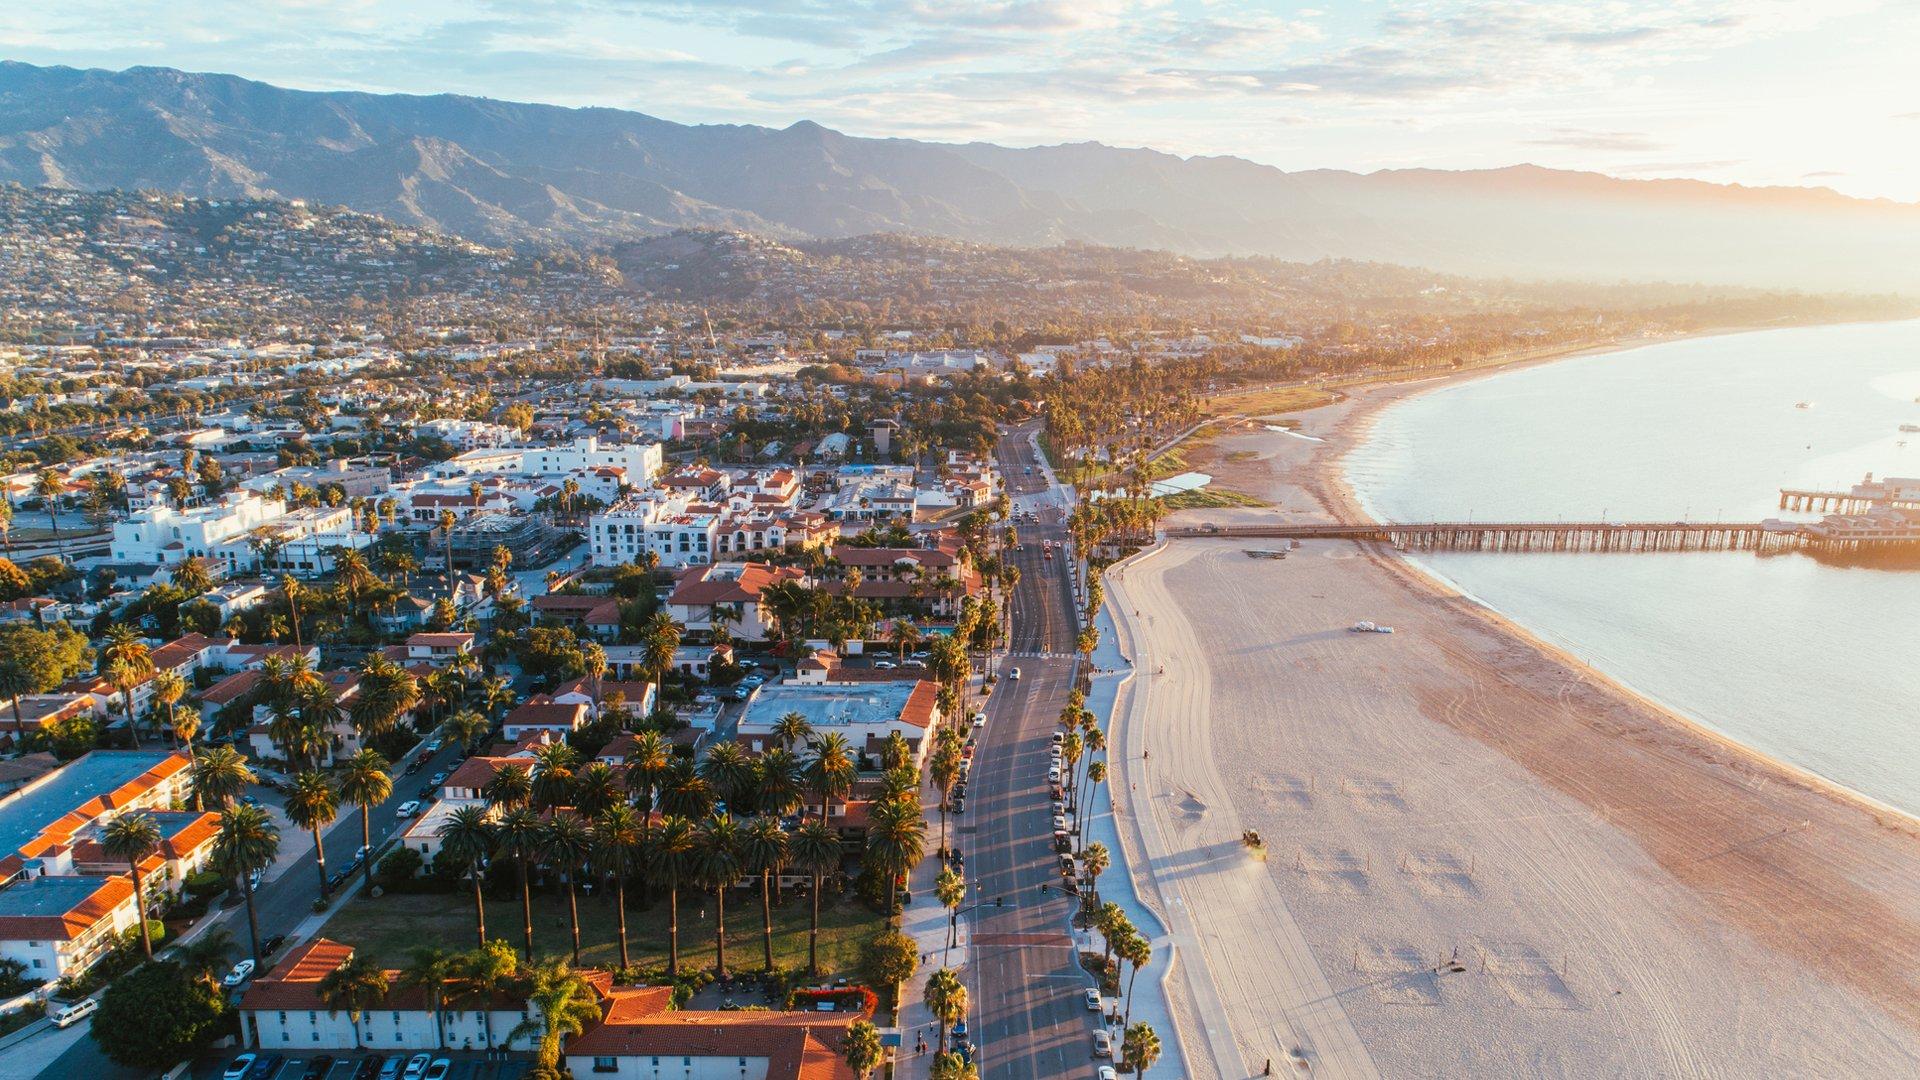 A getaway to Santa Barbara is closer than you think